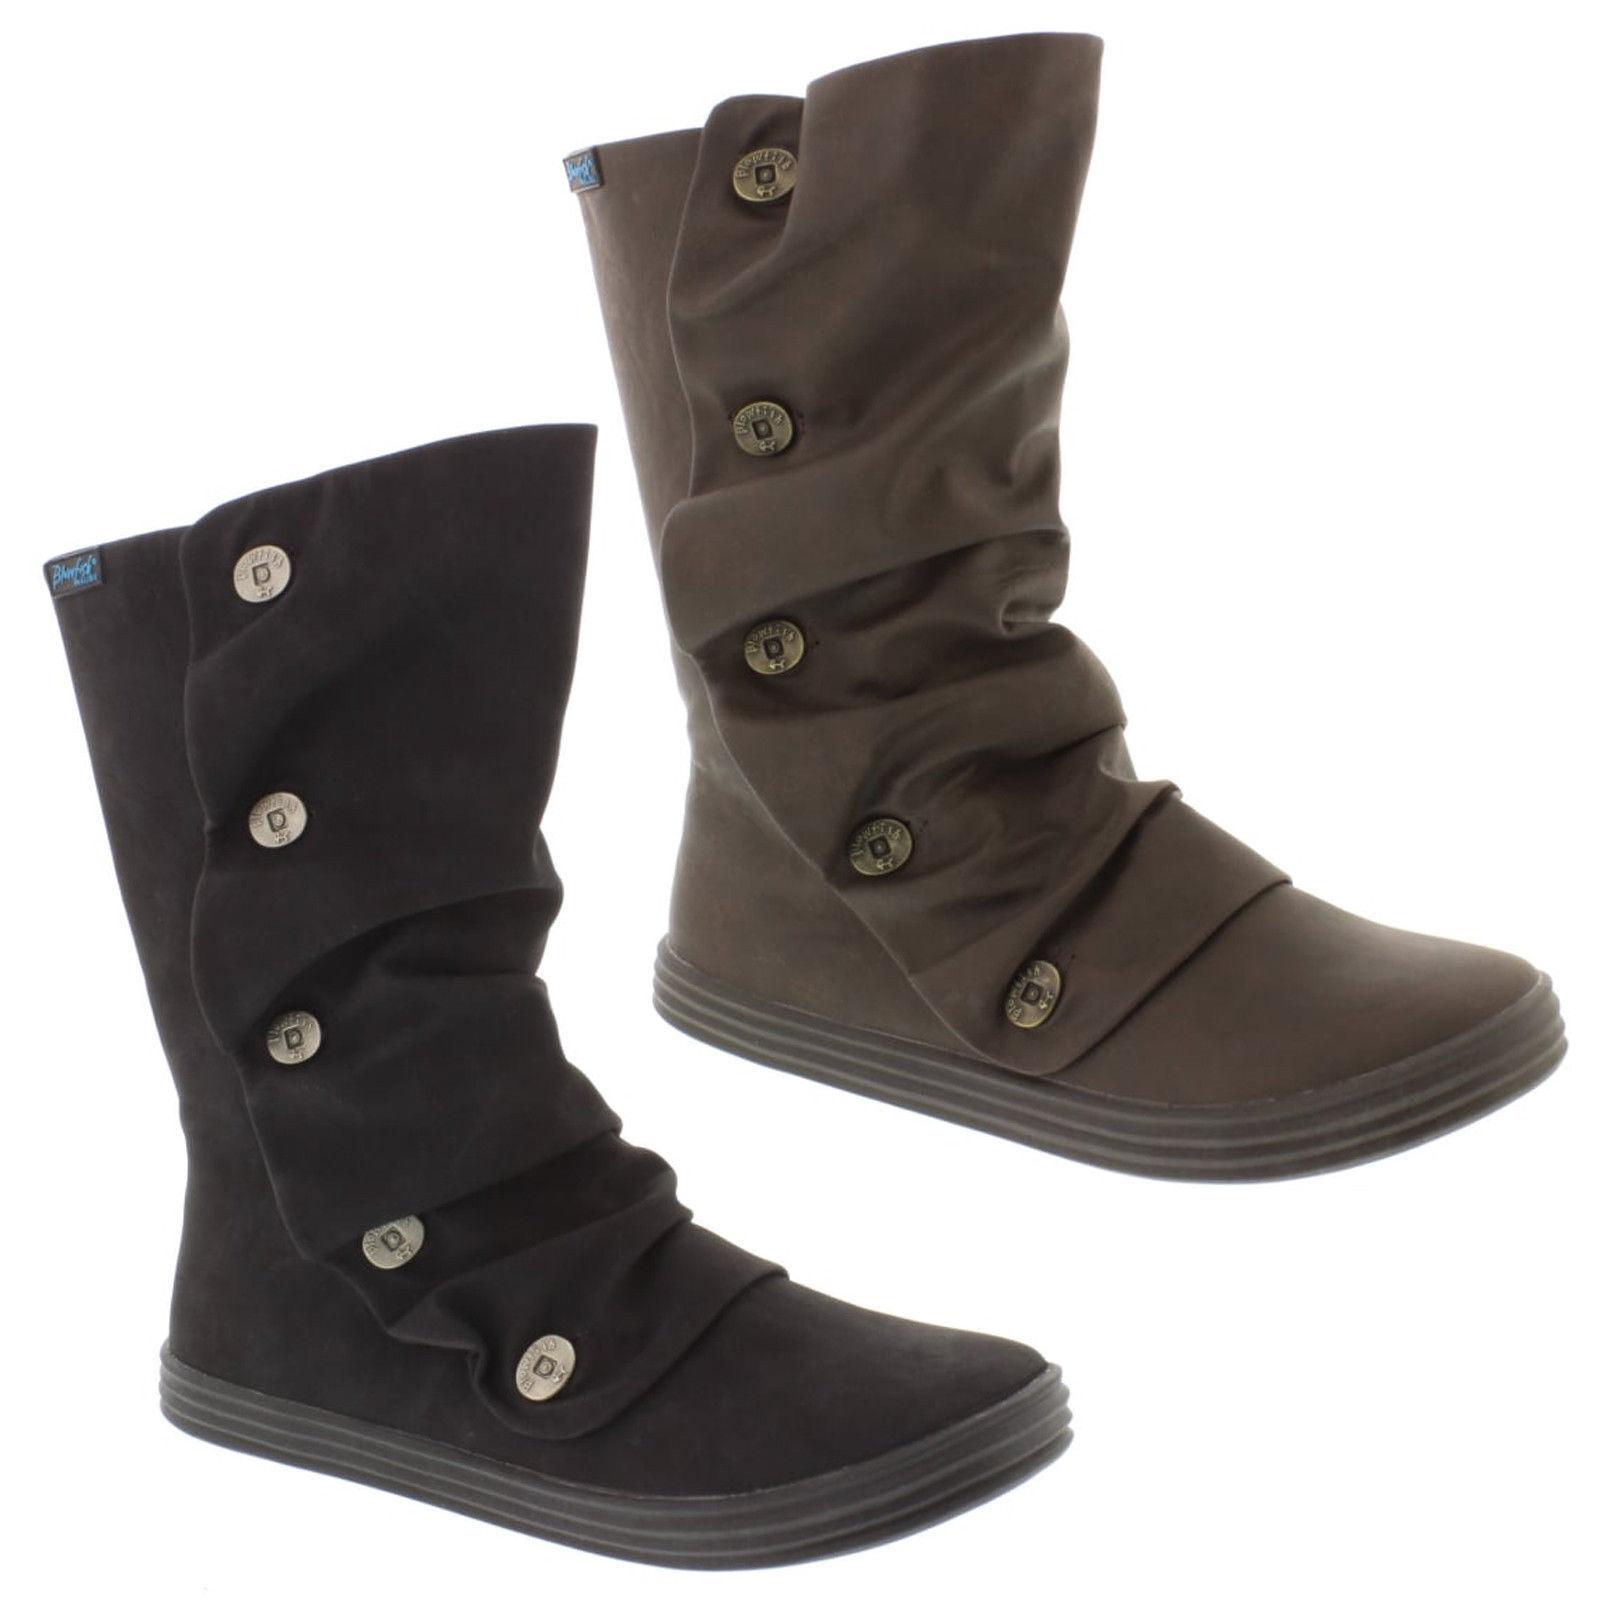 Blowfish Malibu Rammish Stiefel Damenschuhe Tall Button Detail Winter Schuhes Flats